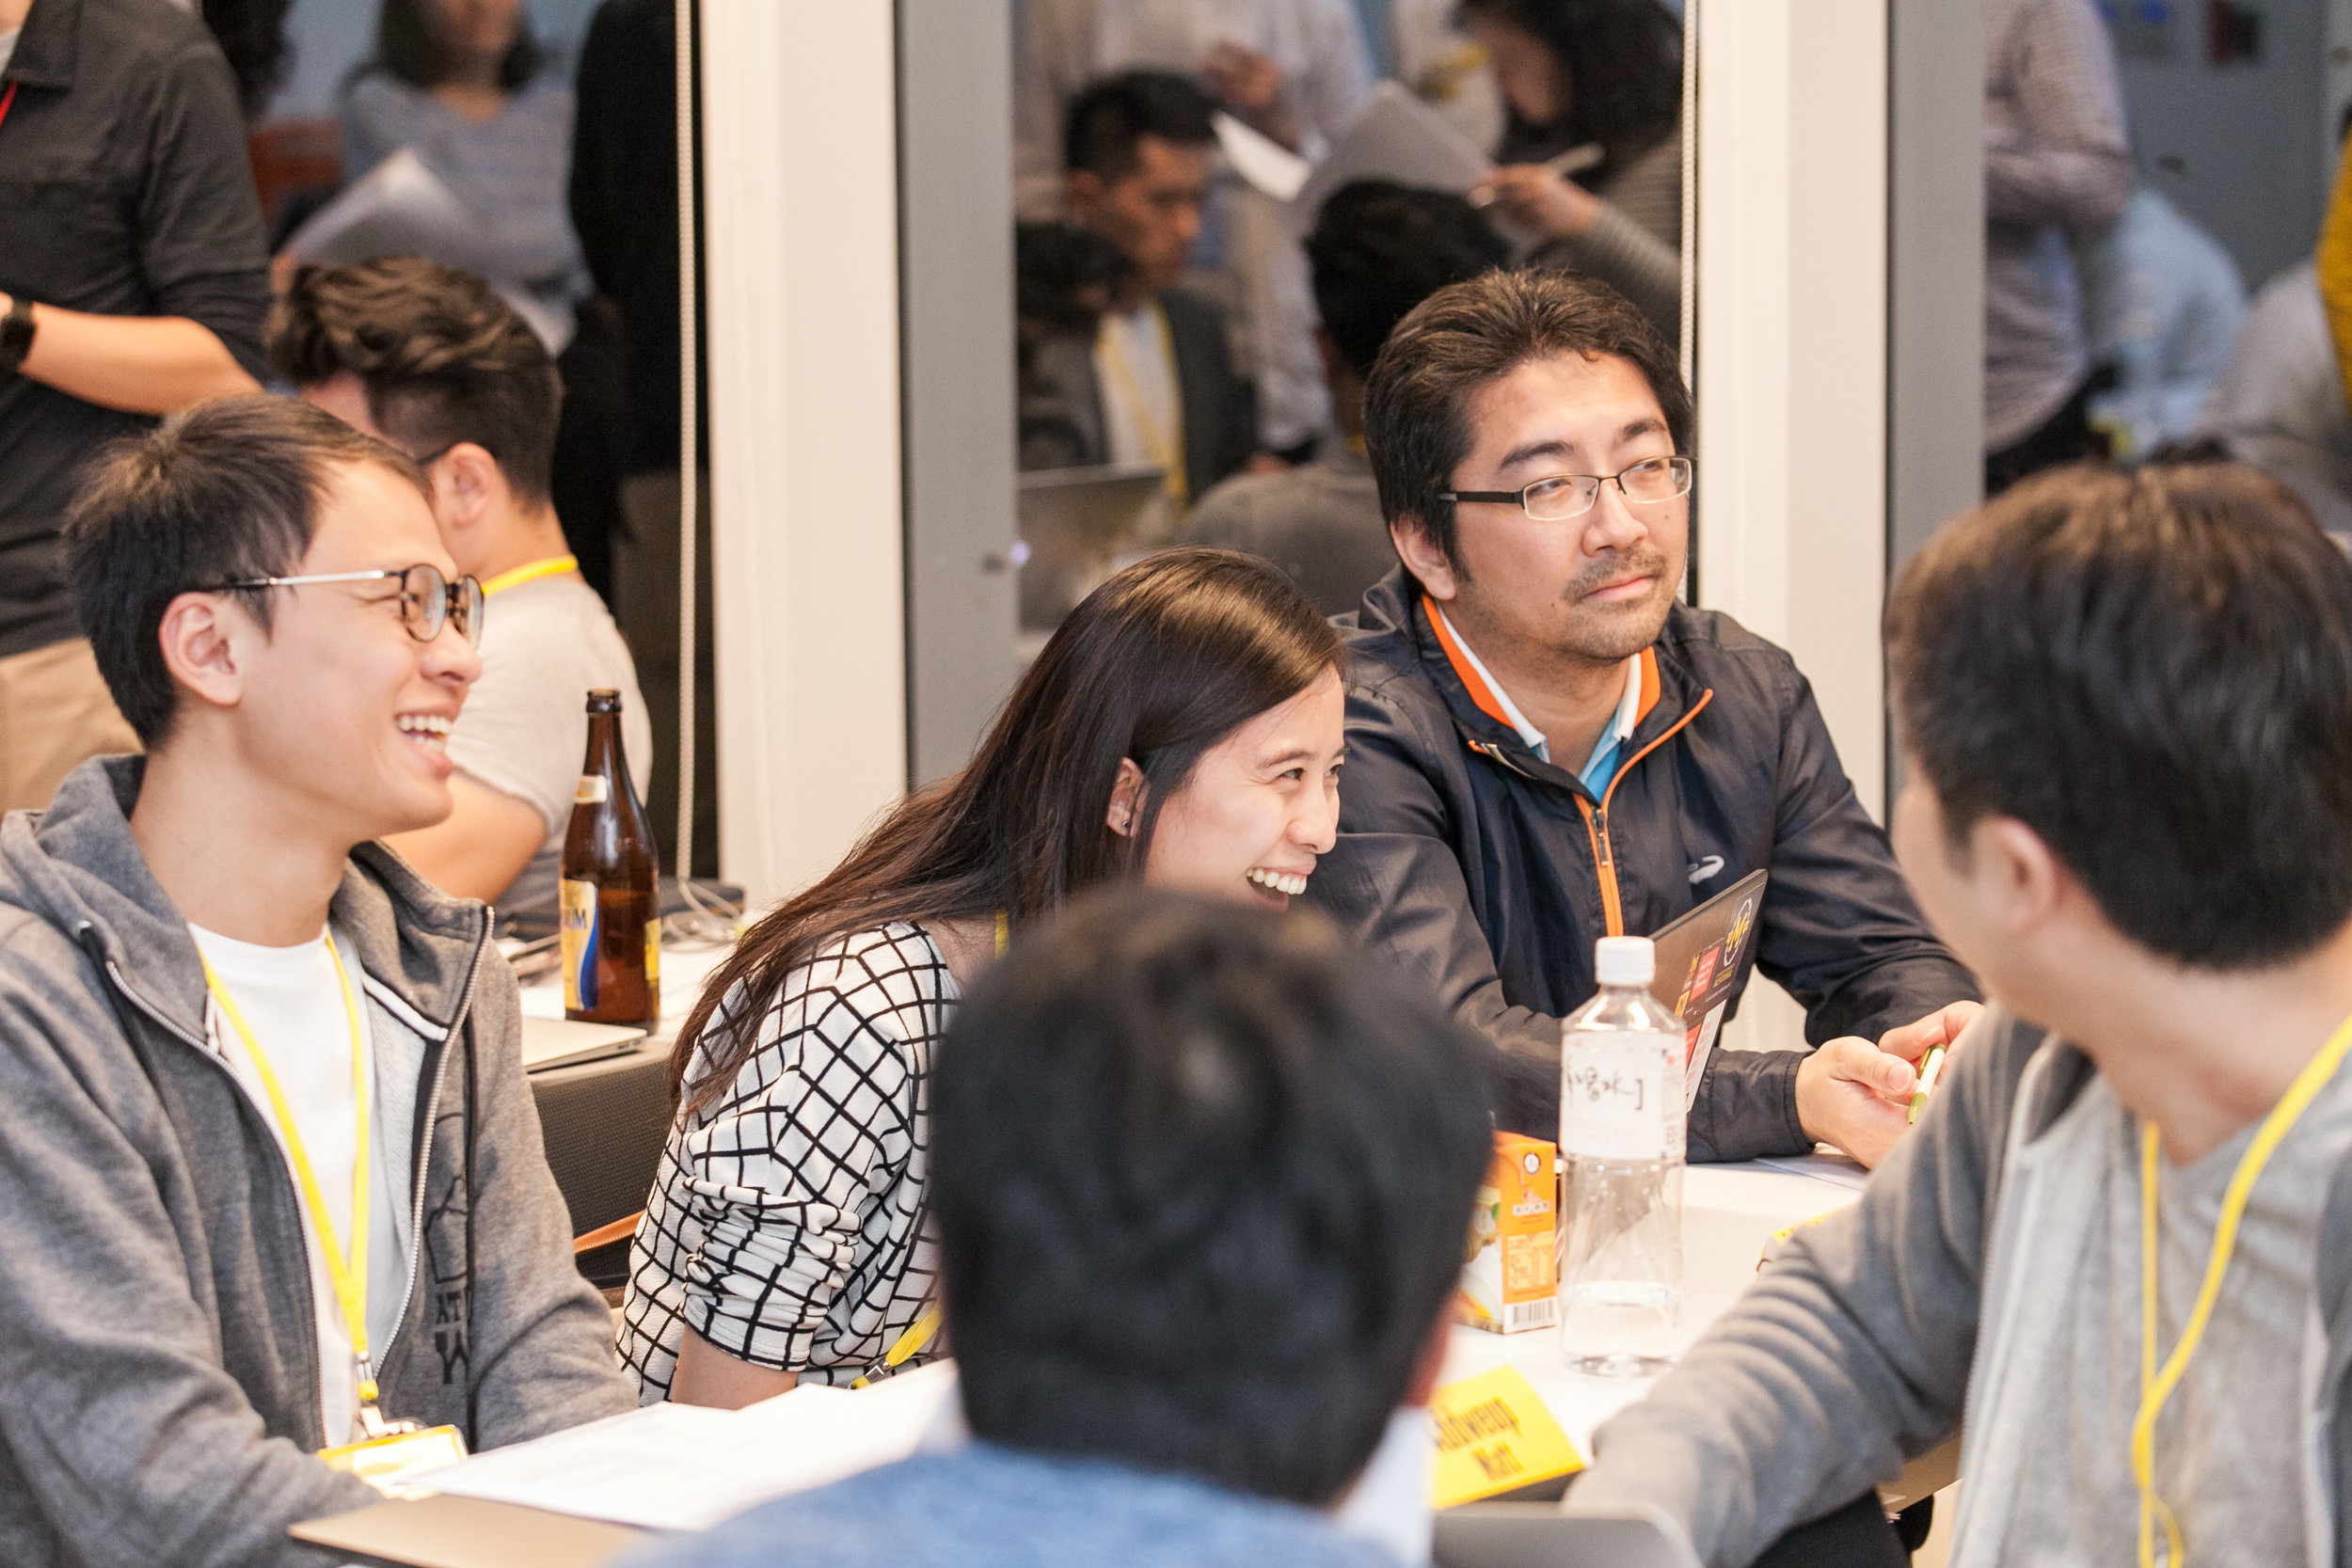 2017 國際投資條件書訓練營台灣台北場,透過更多互動討論,加速創業家對於募資的理解及實踐.jpg